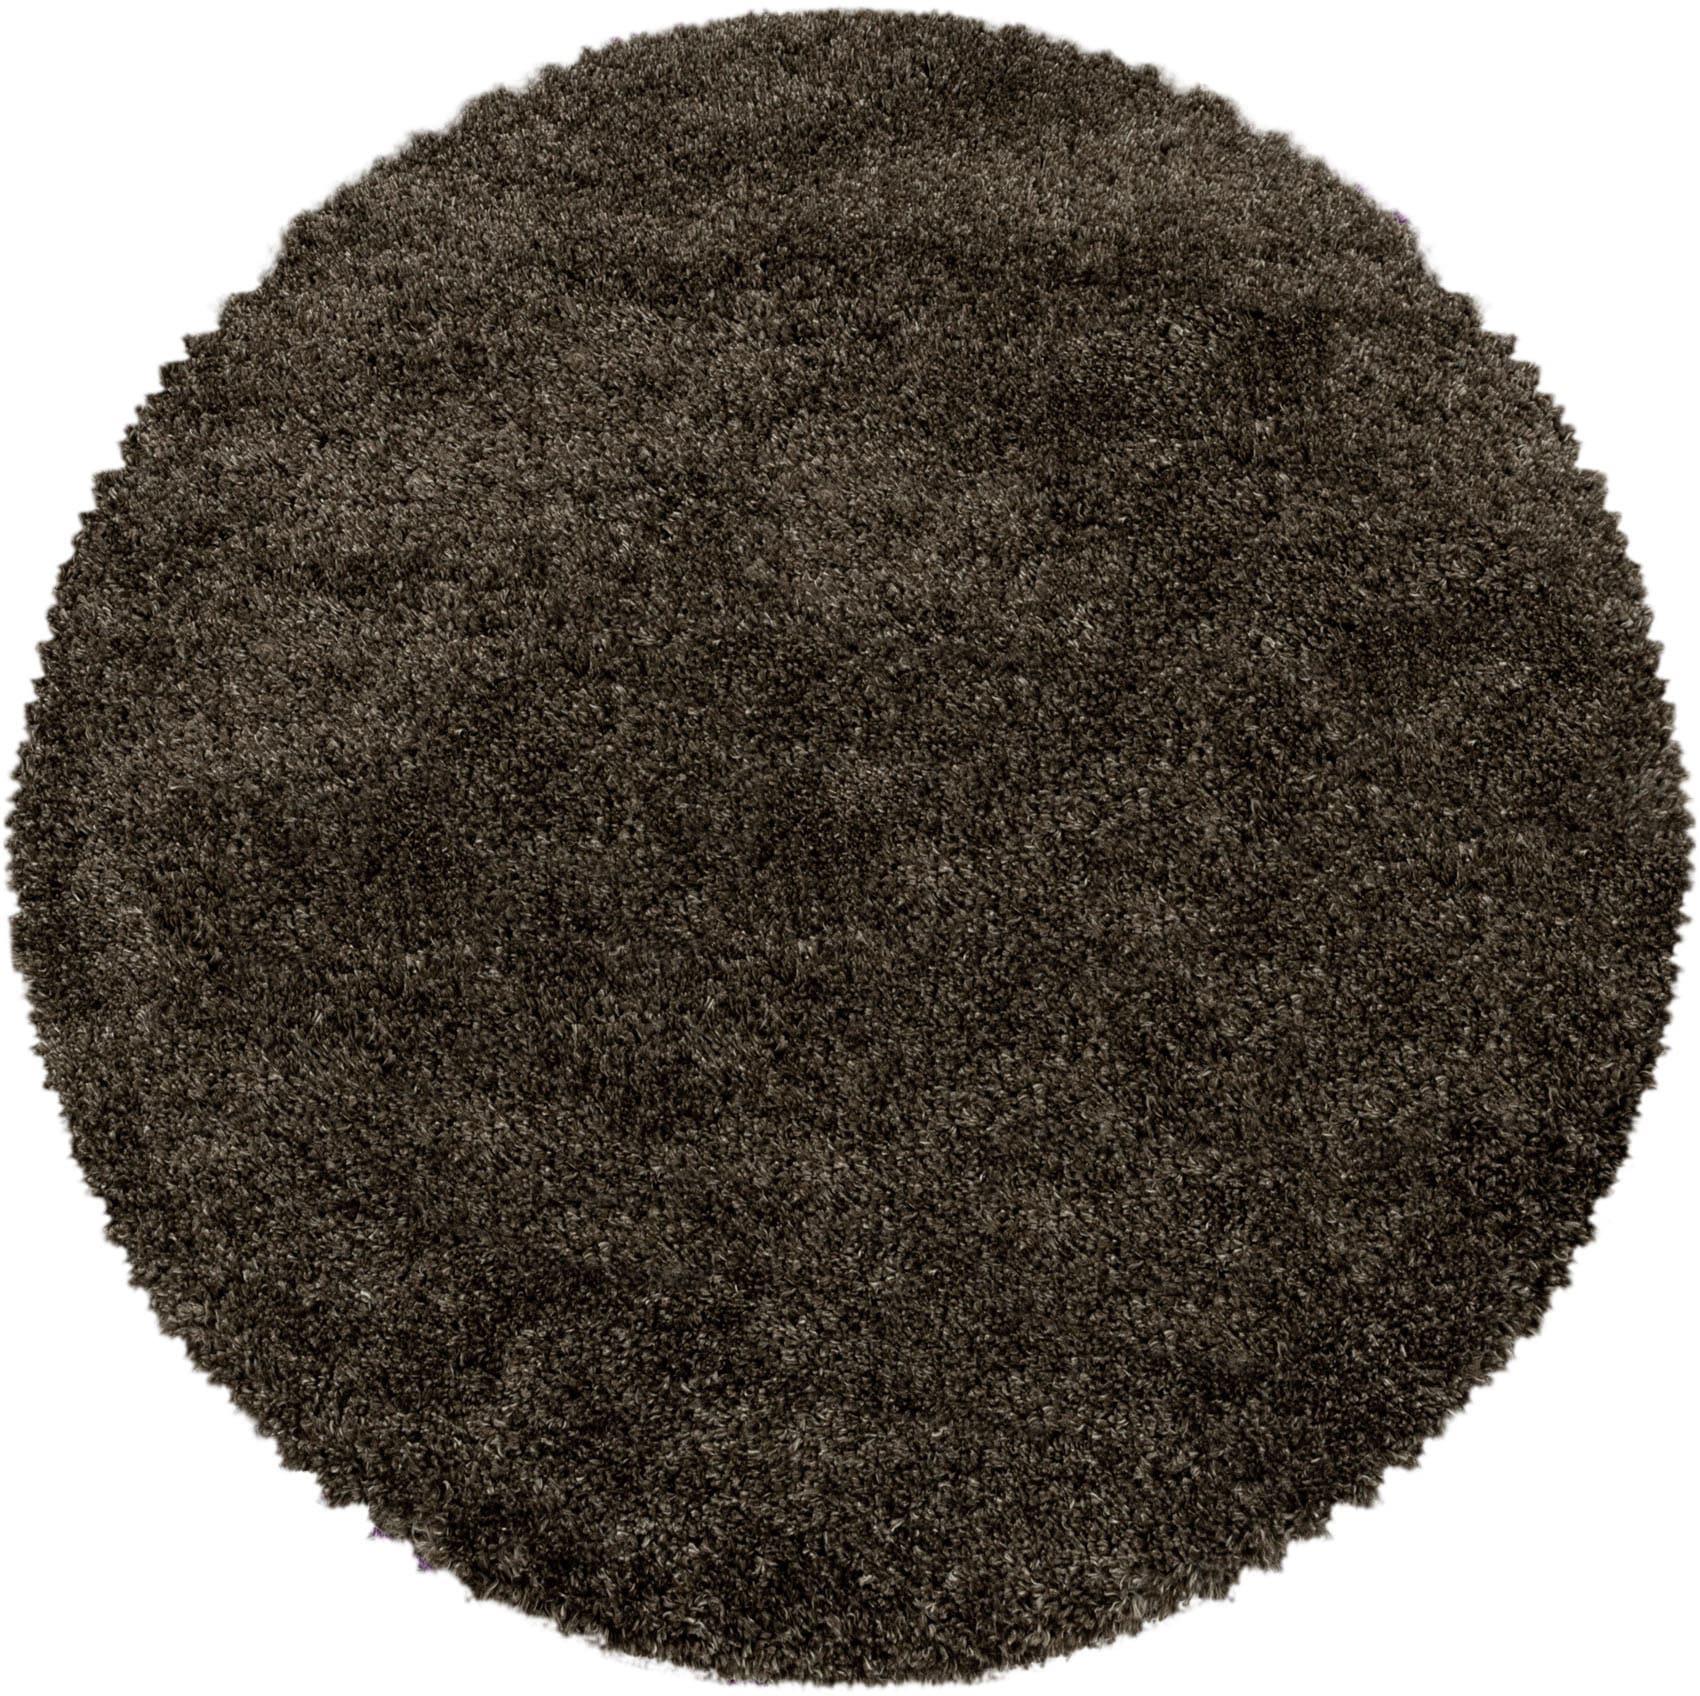 Ayyildiz Hochflor-Teppich FLUFFY 3500, rund, 50 mm Höhe braun Wohnzimmerteppiche Teppiche nach Räumen